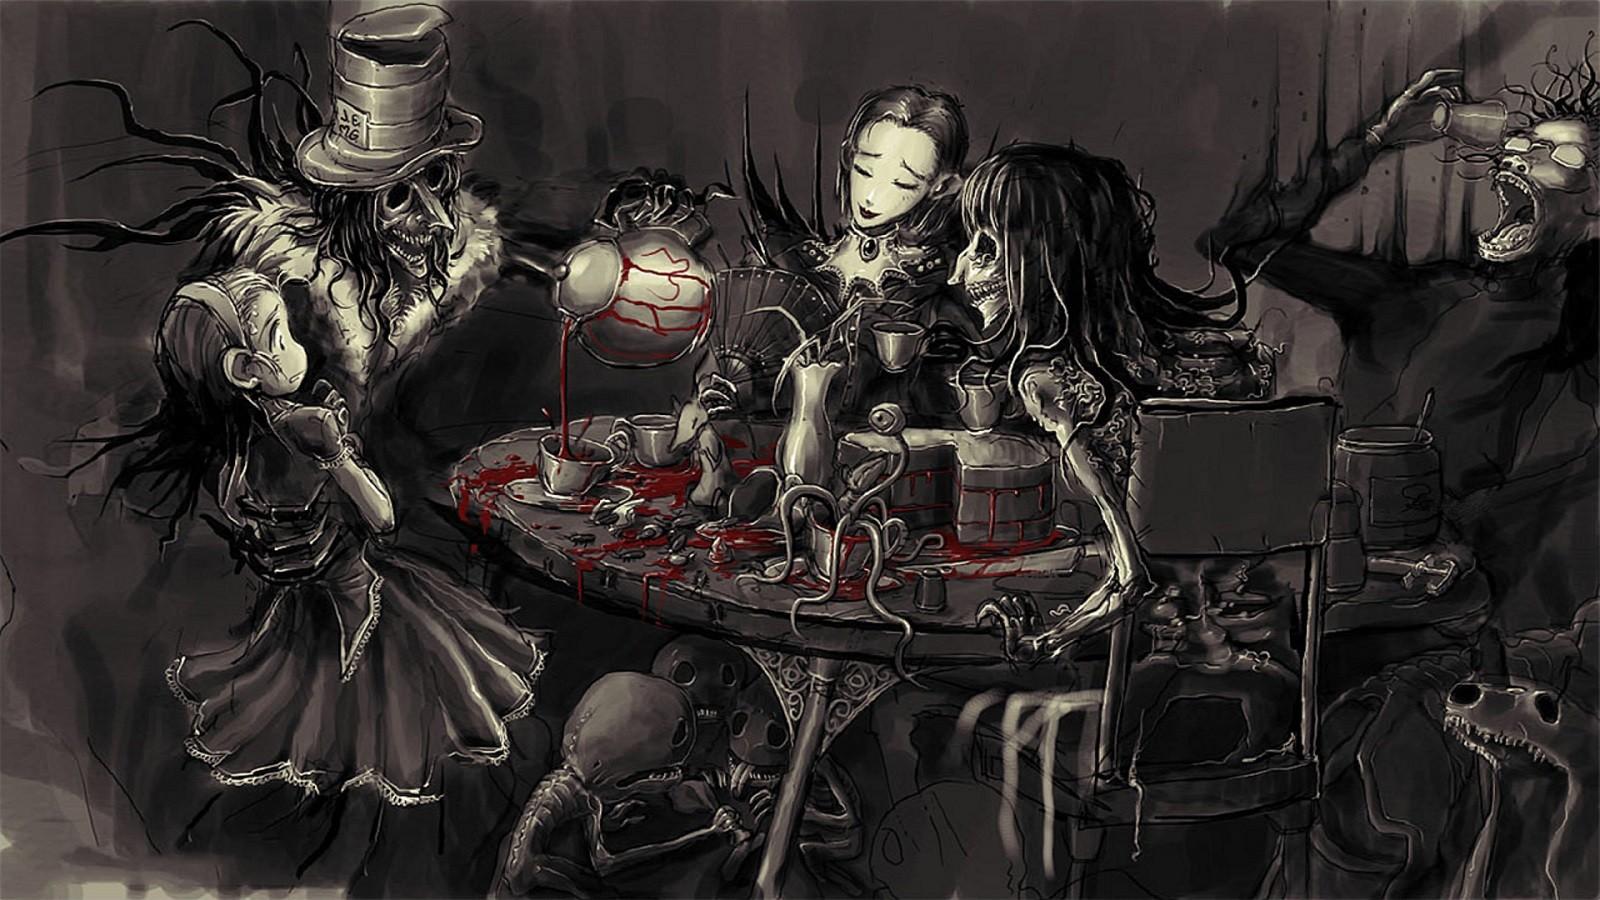 デスクトップ壁紙 血液 ゴシック 不思議の国のアリス 漫画